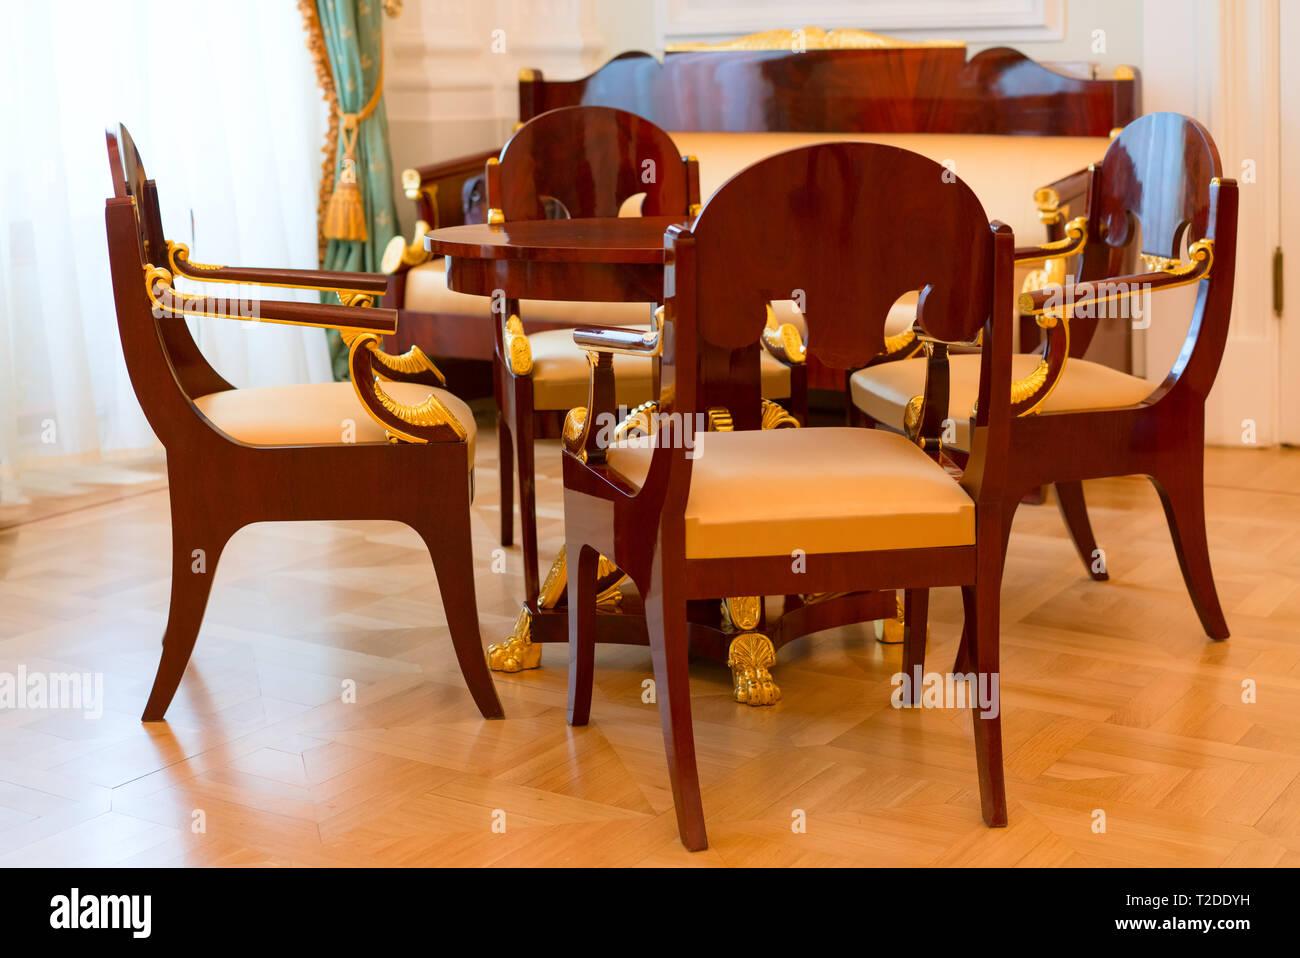 Im Alten Stil Wohnzimmer Stuhle Sofa Tisch Stockfotografie Alamy